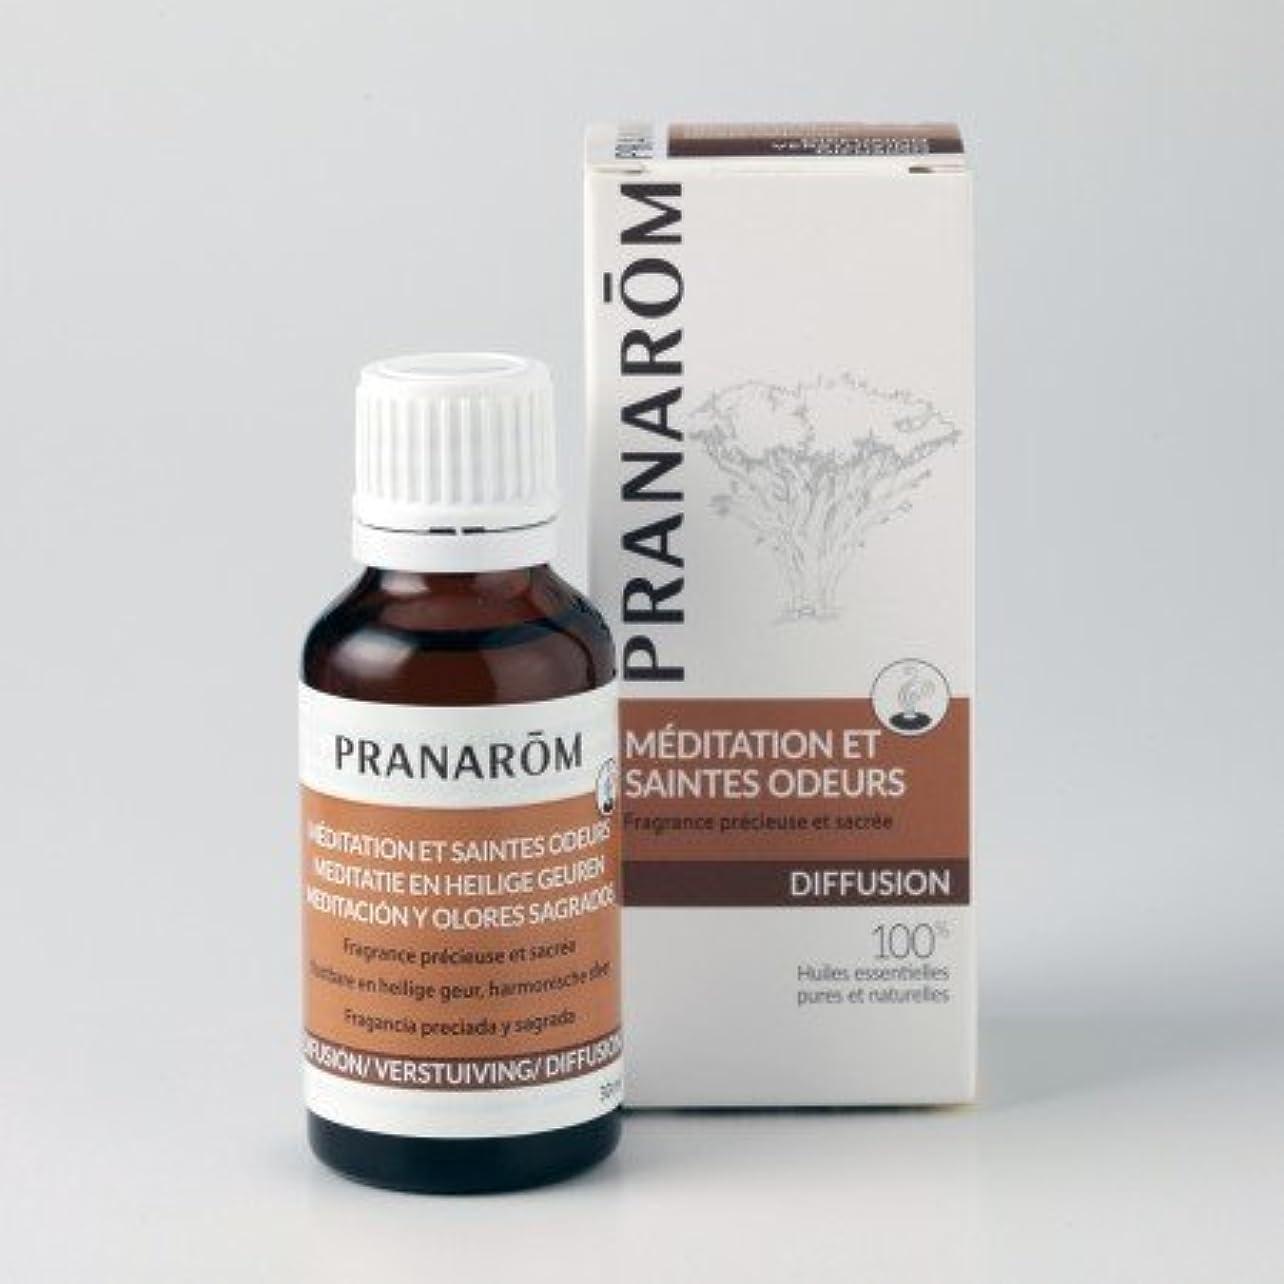 アンデス山脈お願いします上記の頭と肩プラナロム ( PRANAROM ) ルームコロン 瞑想へのいざない メディテーション 30ml 02588 エアフレッシュナー ( 芳香剤 )